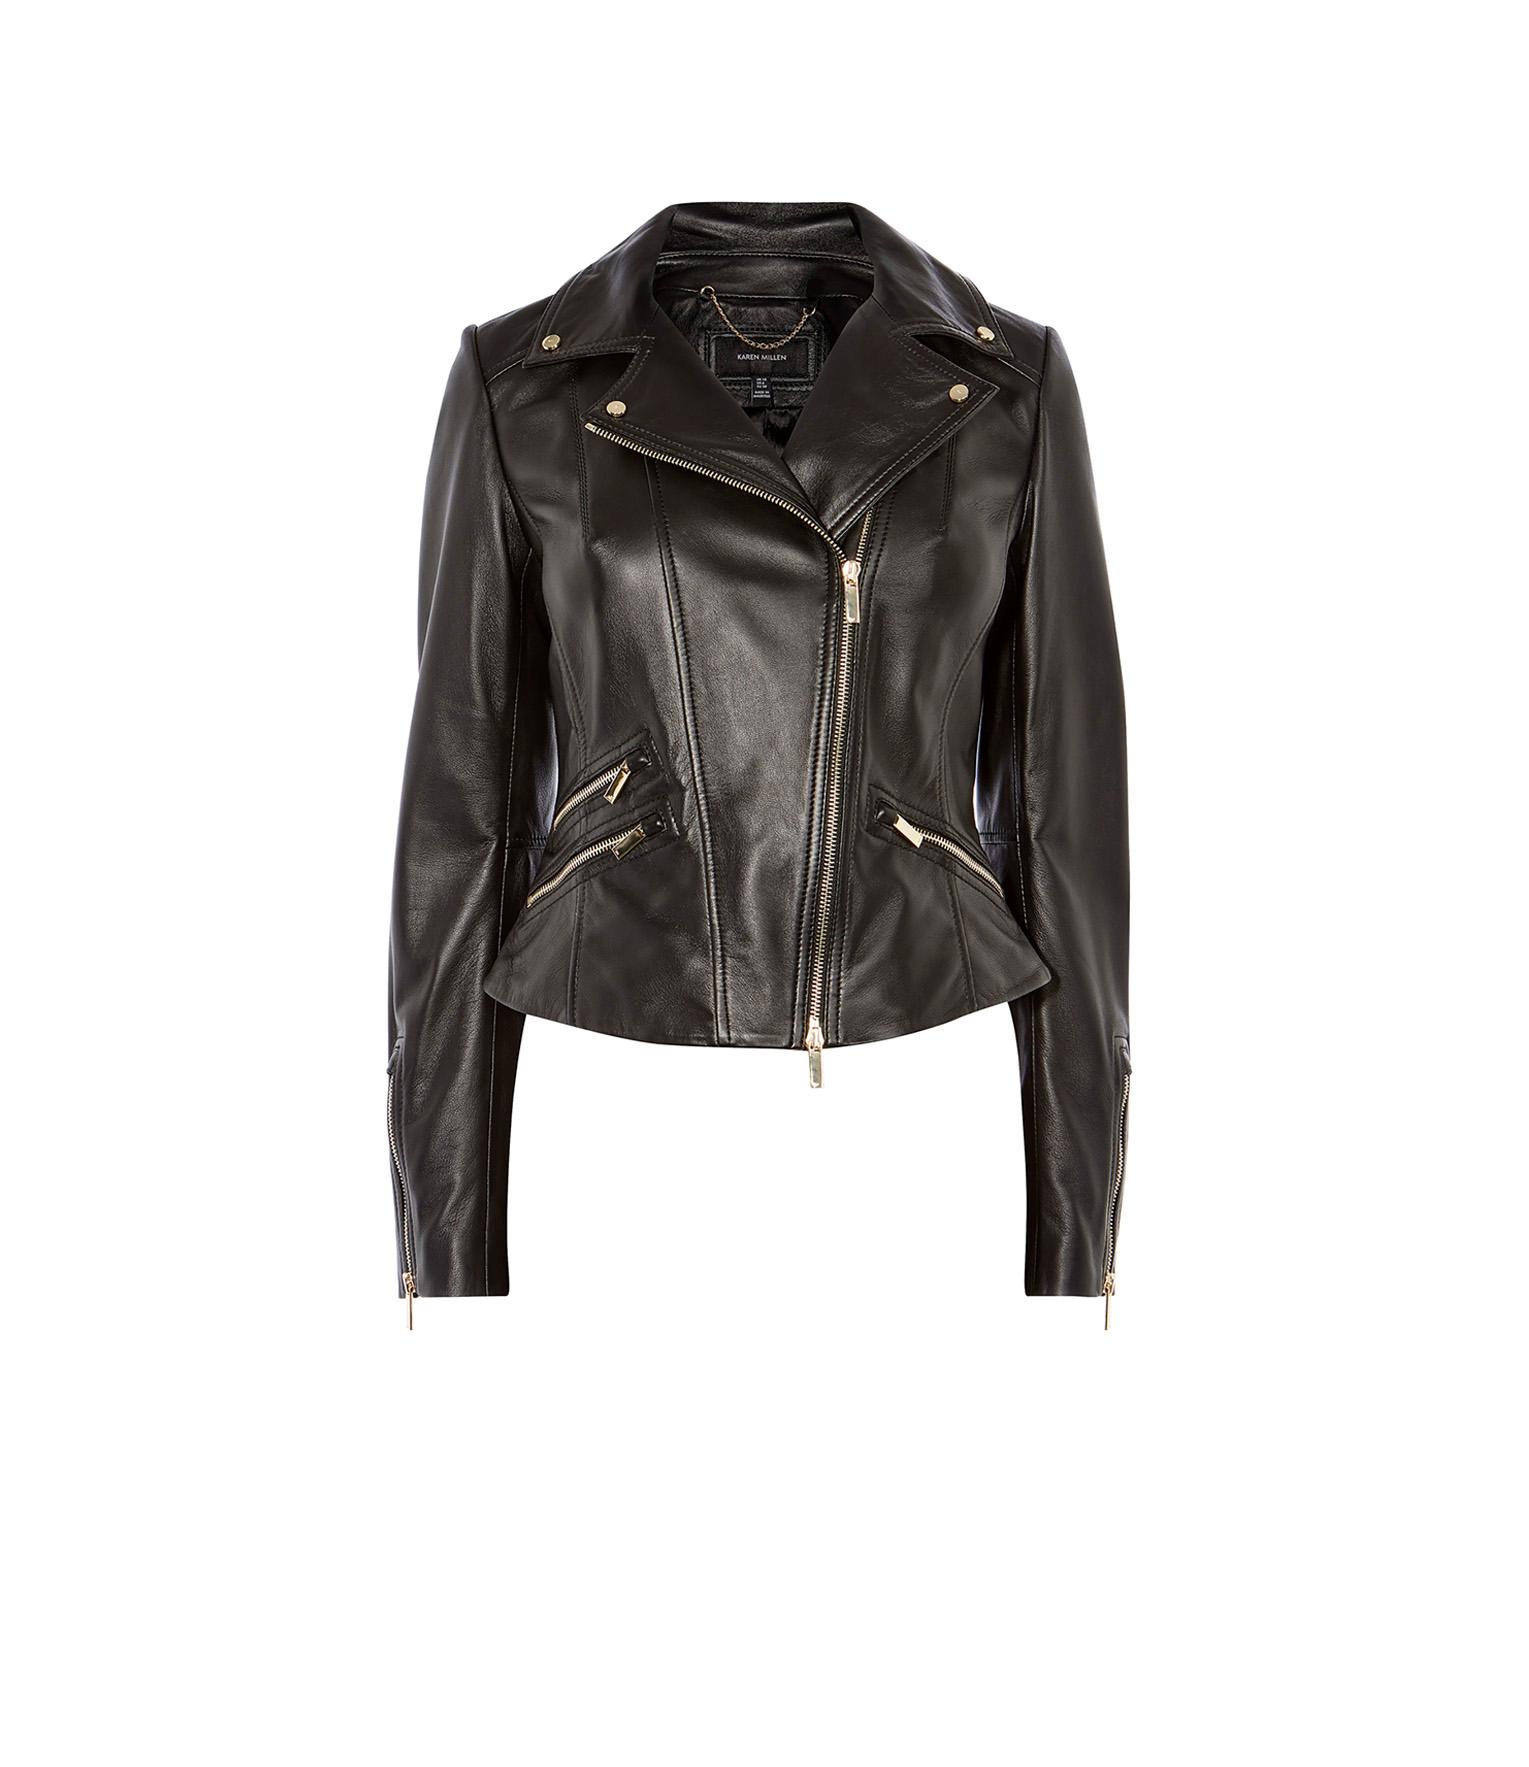 7cc6d6468 Leather Jacket Gold Trims